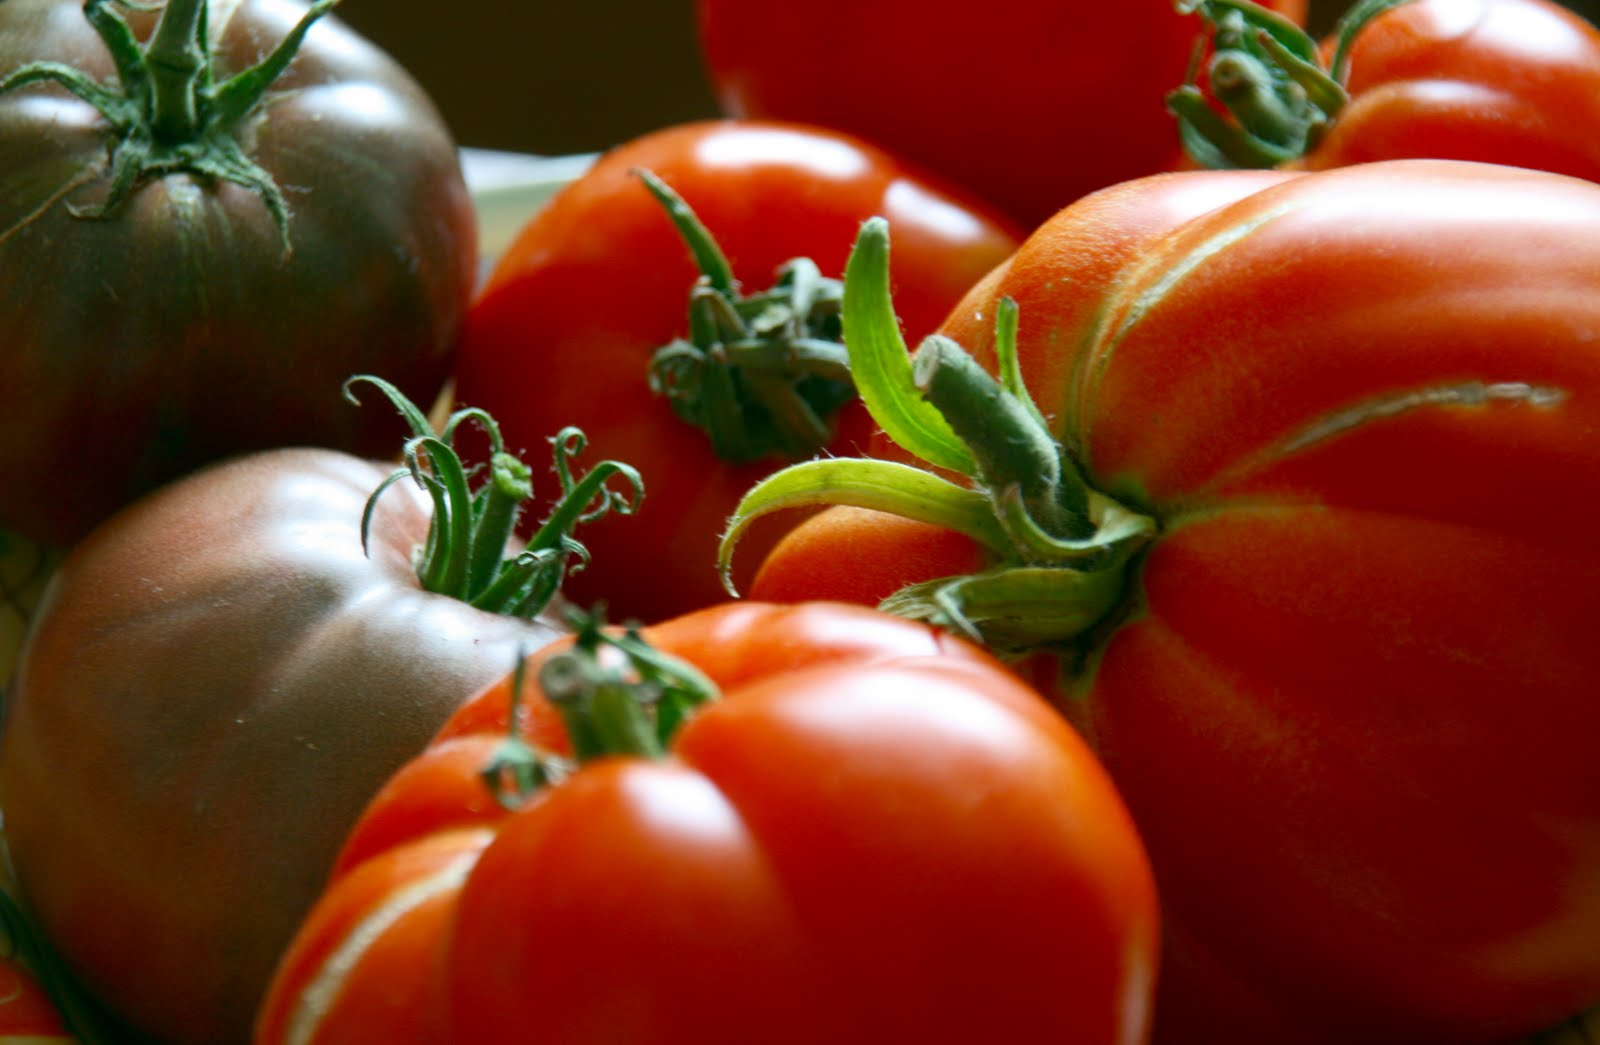 tomaten ernten tomaten ernten zeit sich zu belohnen garten news garten tomaten ernten wann ist. Black Bedroom Furniture Sets. Home Design Ideas